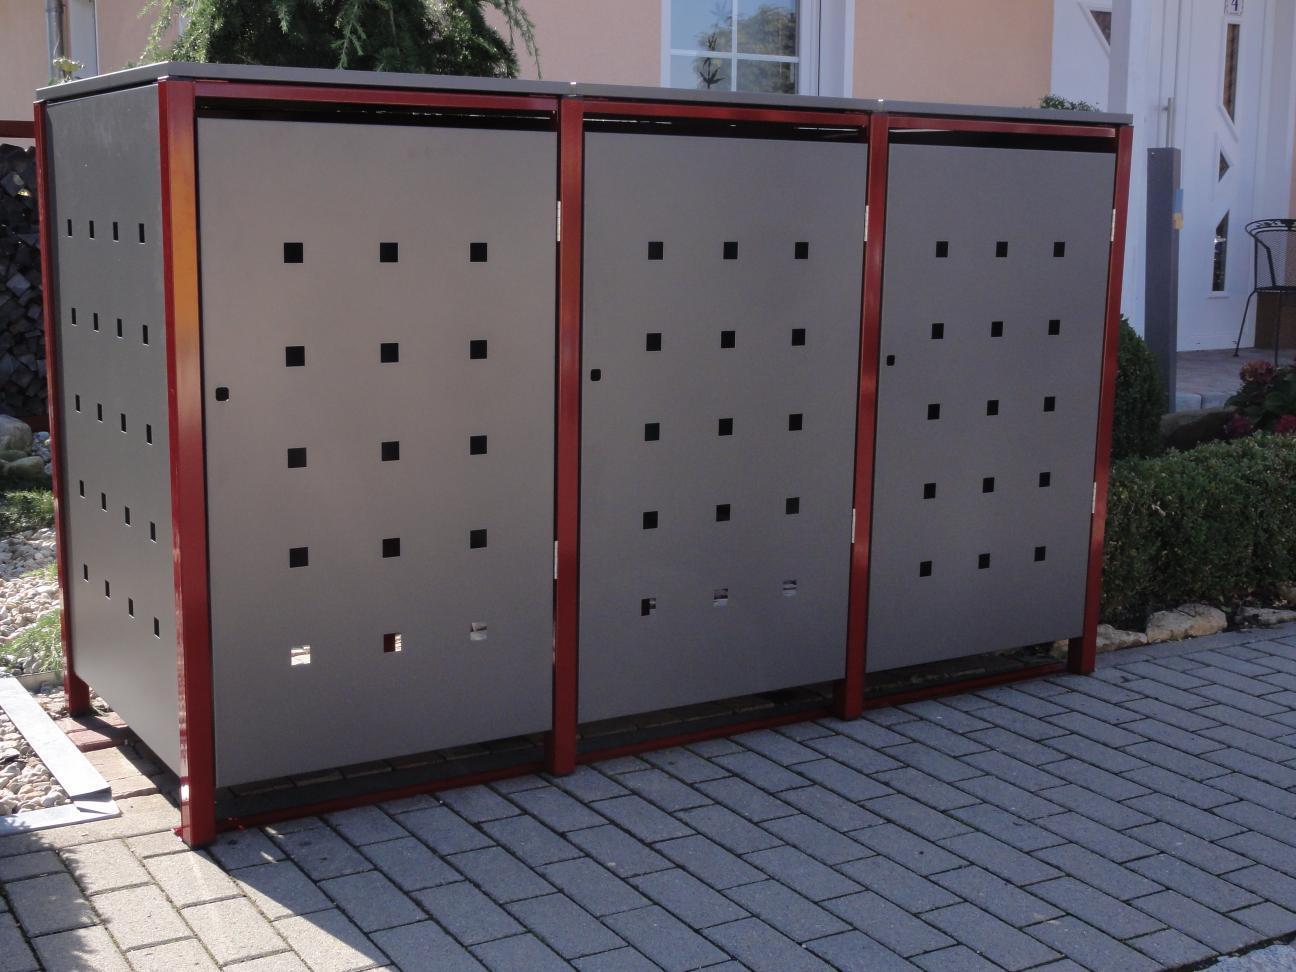 mülltonnenboxen aus metall langlebig und schön - für mülltonnen